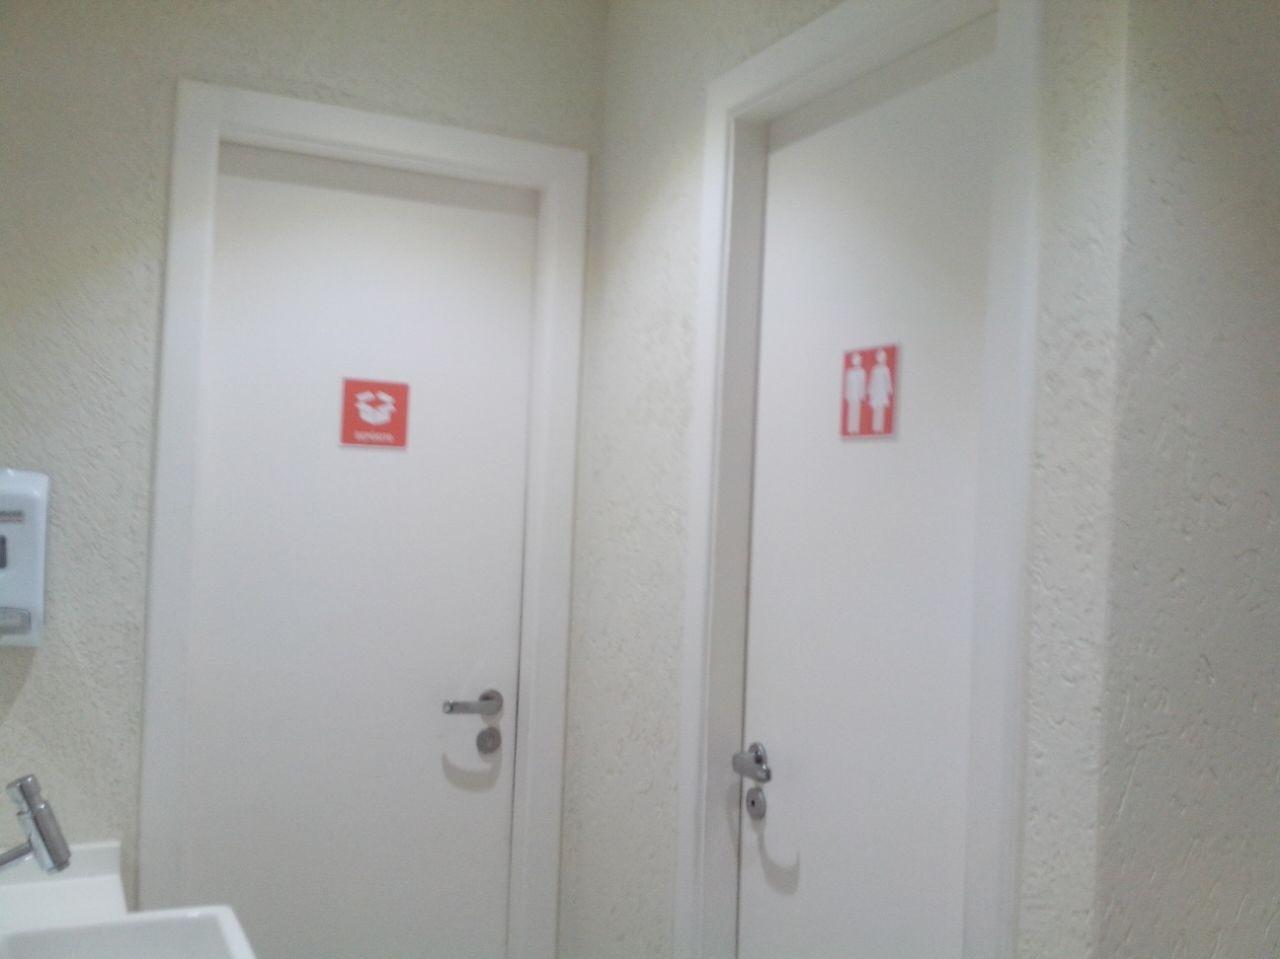 Placas de Sinalização em Sp Preço em Tuiuti - Placas de Sinalização